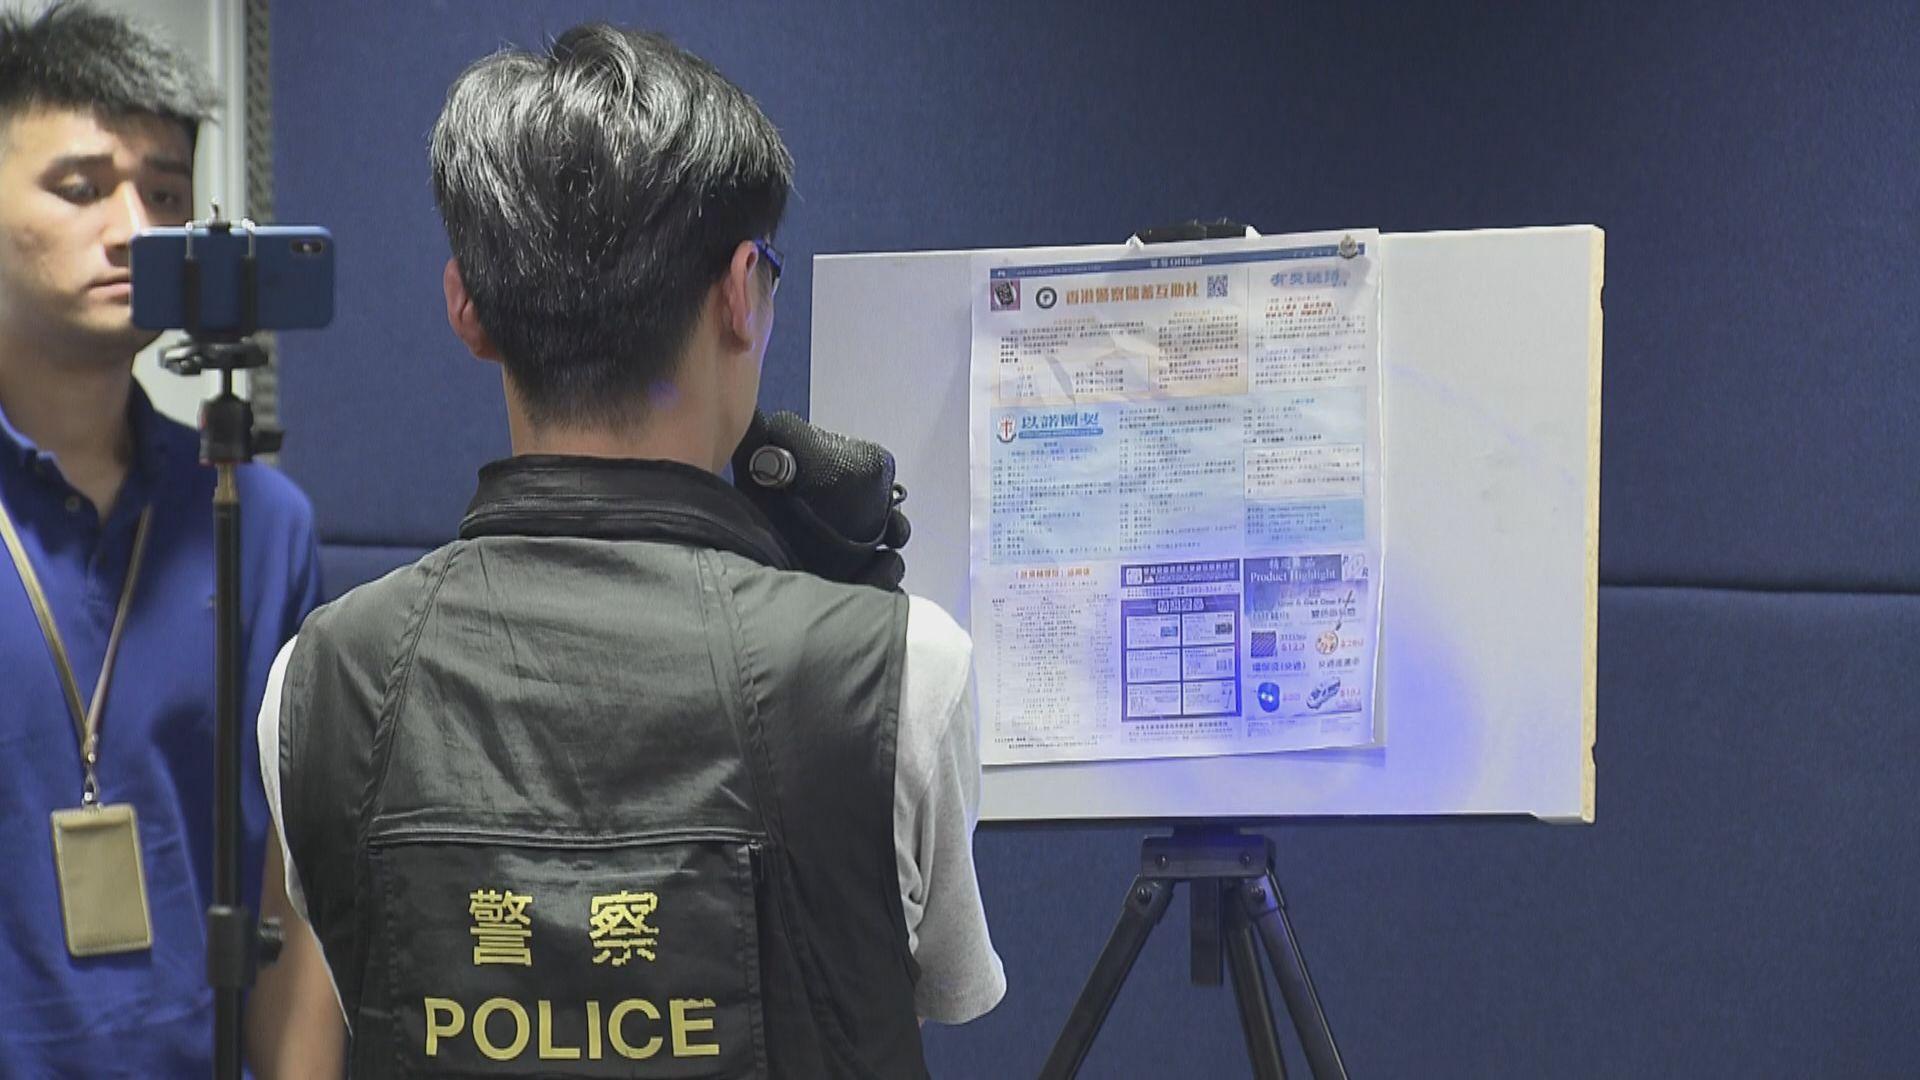 警方:雷射槍實測沒意圖影響司法程序